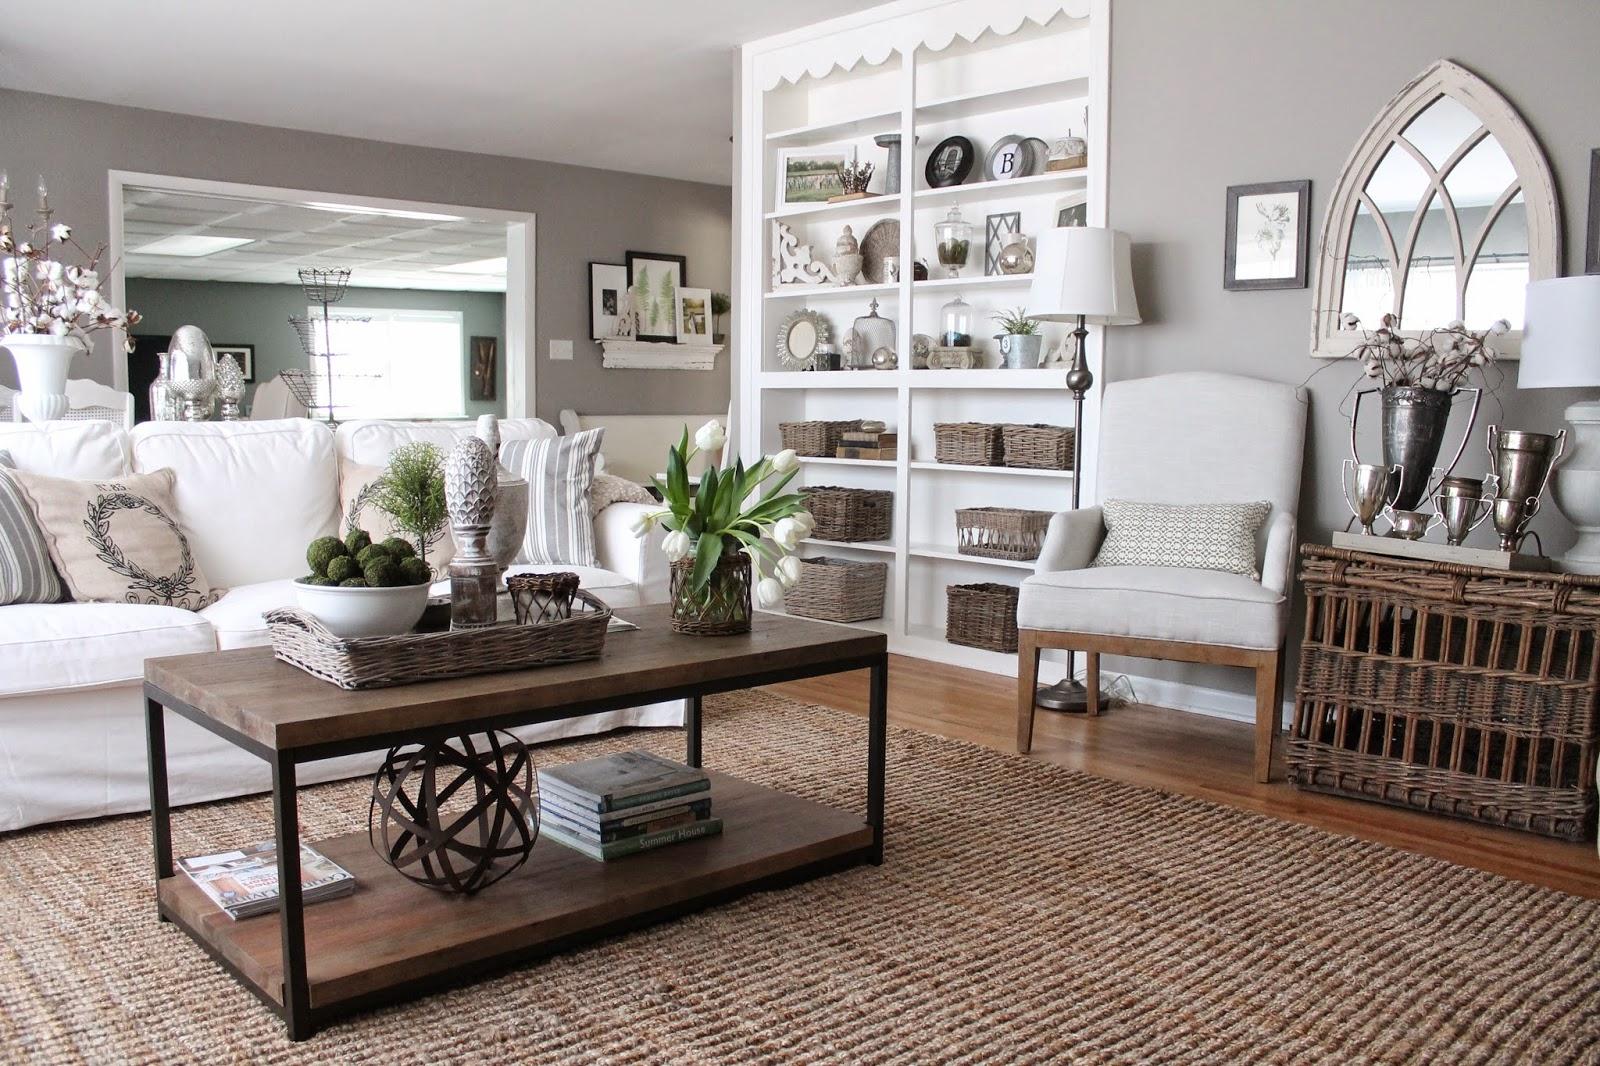 soggiorno shabby chic con pareti tortora chiaro, tavolino in legno e mobili bianchi